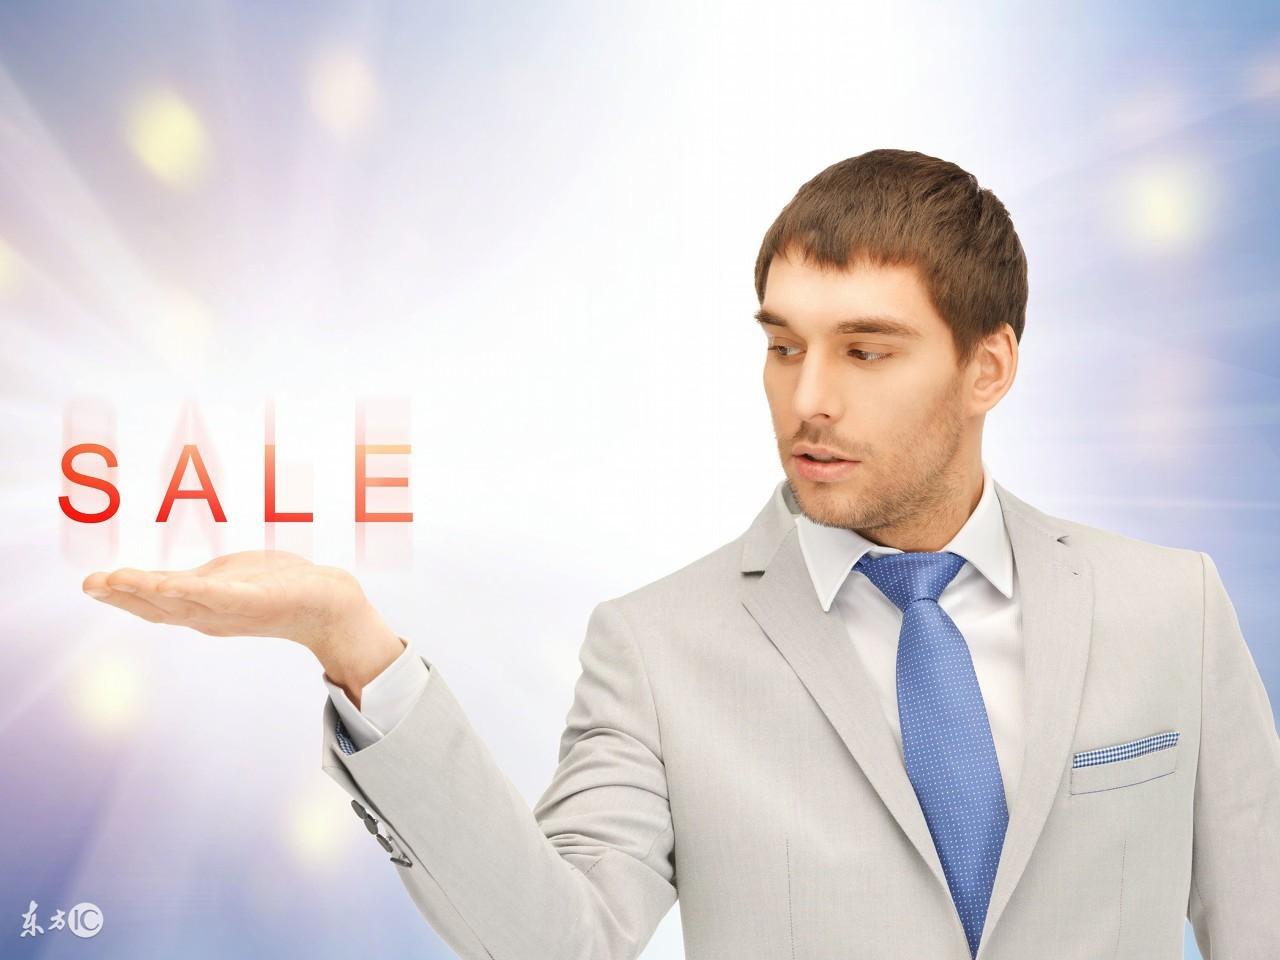 做销售的女人气场强大(永远不要小看做销售的人吗)插图(3)